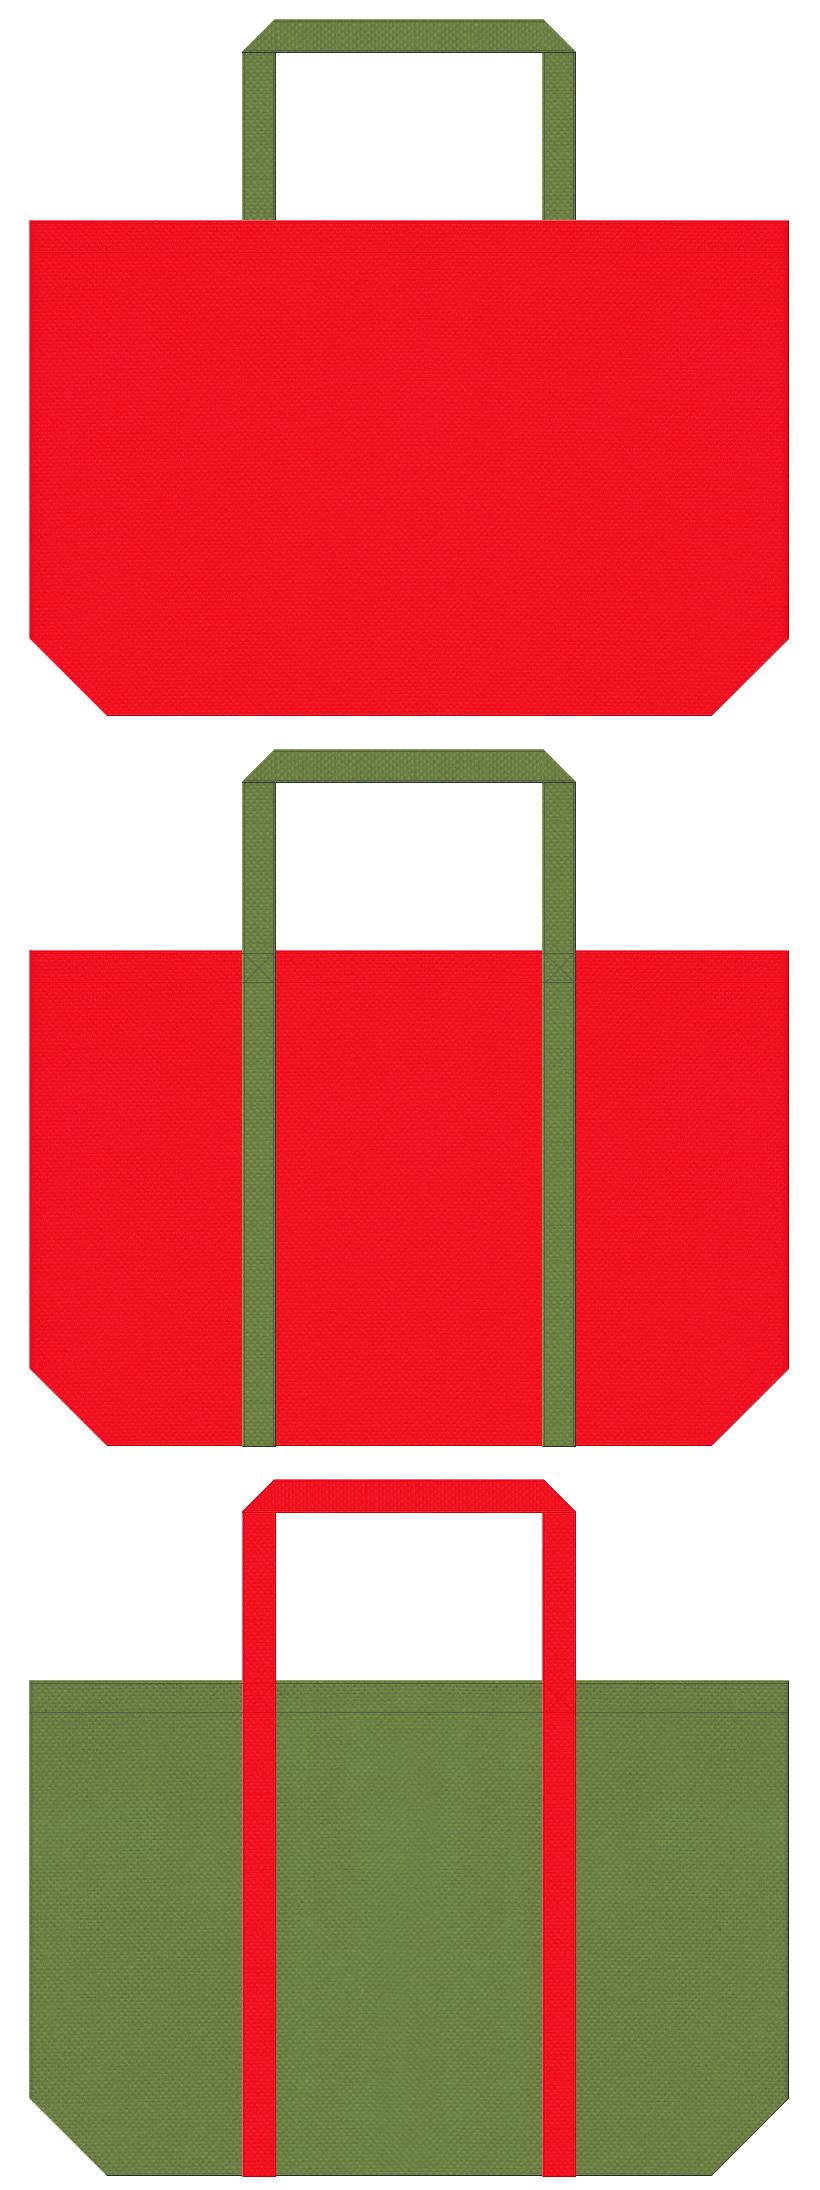 赤色と草色の不織布バッグデザイン。茶会・野点傘のイメージで、和雑貨のショッピングバッグにお奨めです。